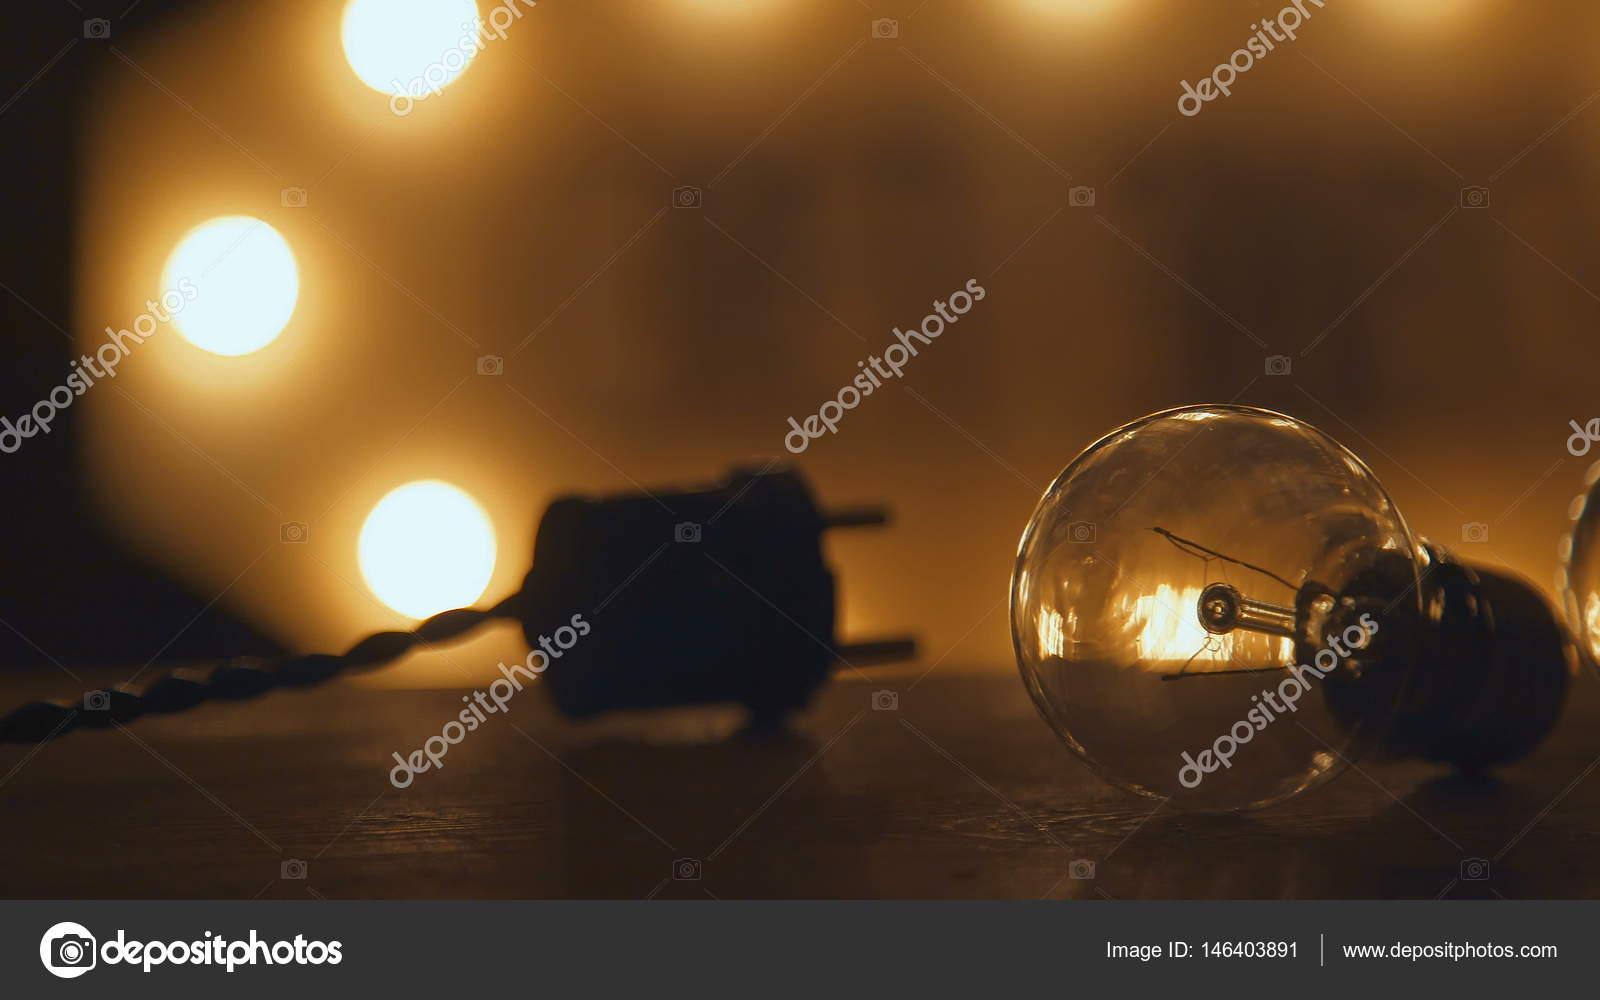 https://st3.depositphotos.com/4967763/14640/i/1600/depositphotos_146403891-stockafbeelding-retro-gloeilampen-en-stekker-verlichting.jpg